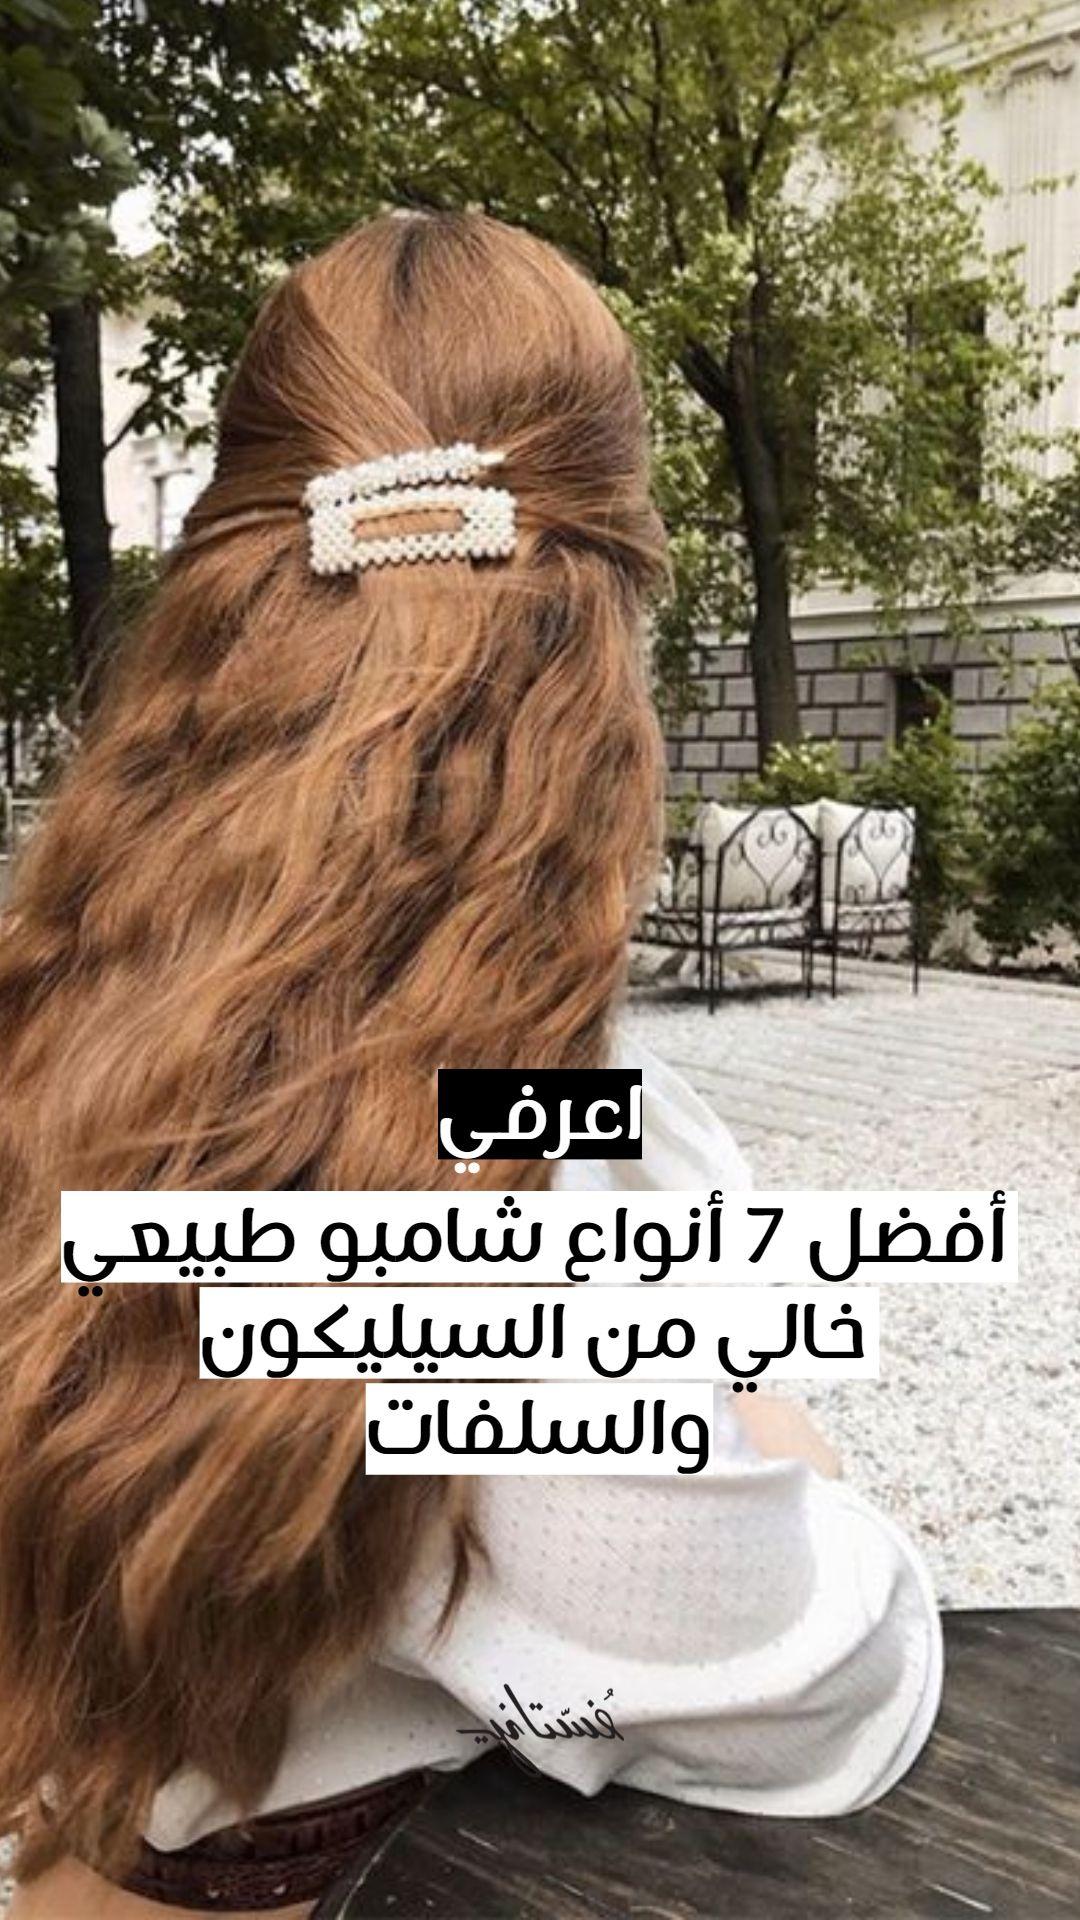 أفضل أنواع شامبو طبيعي للشعر خالي من السيليكون والسلفات Long Hair Styles Hair Styles Hair